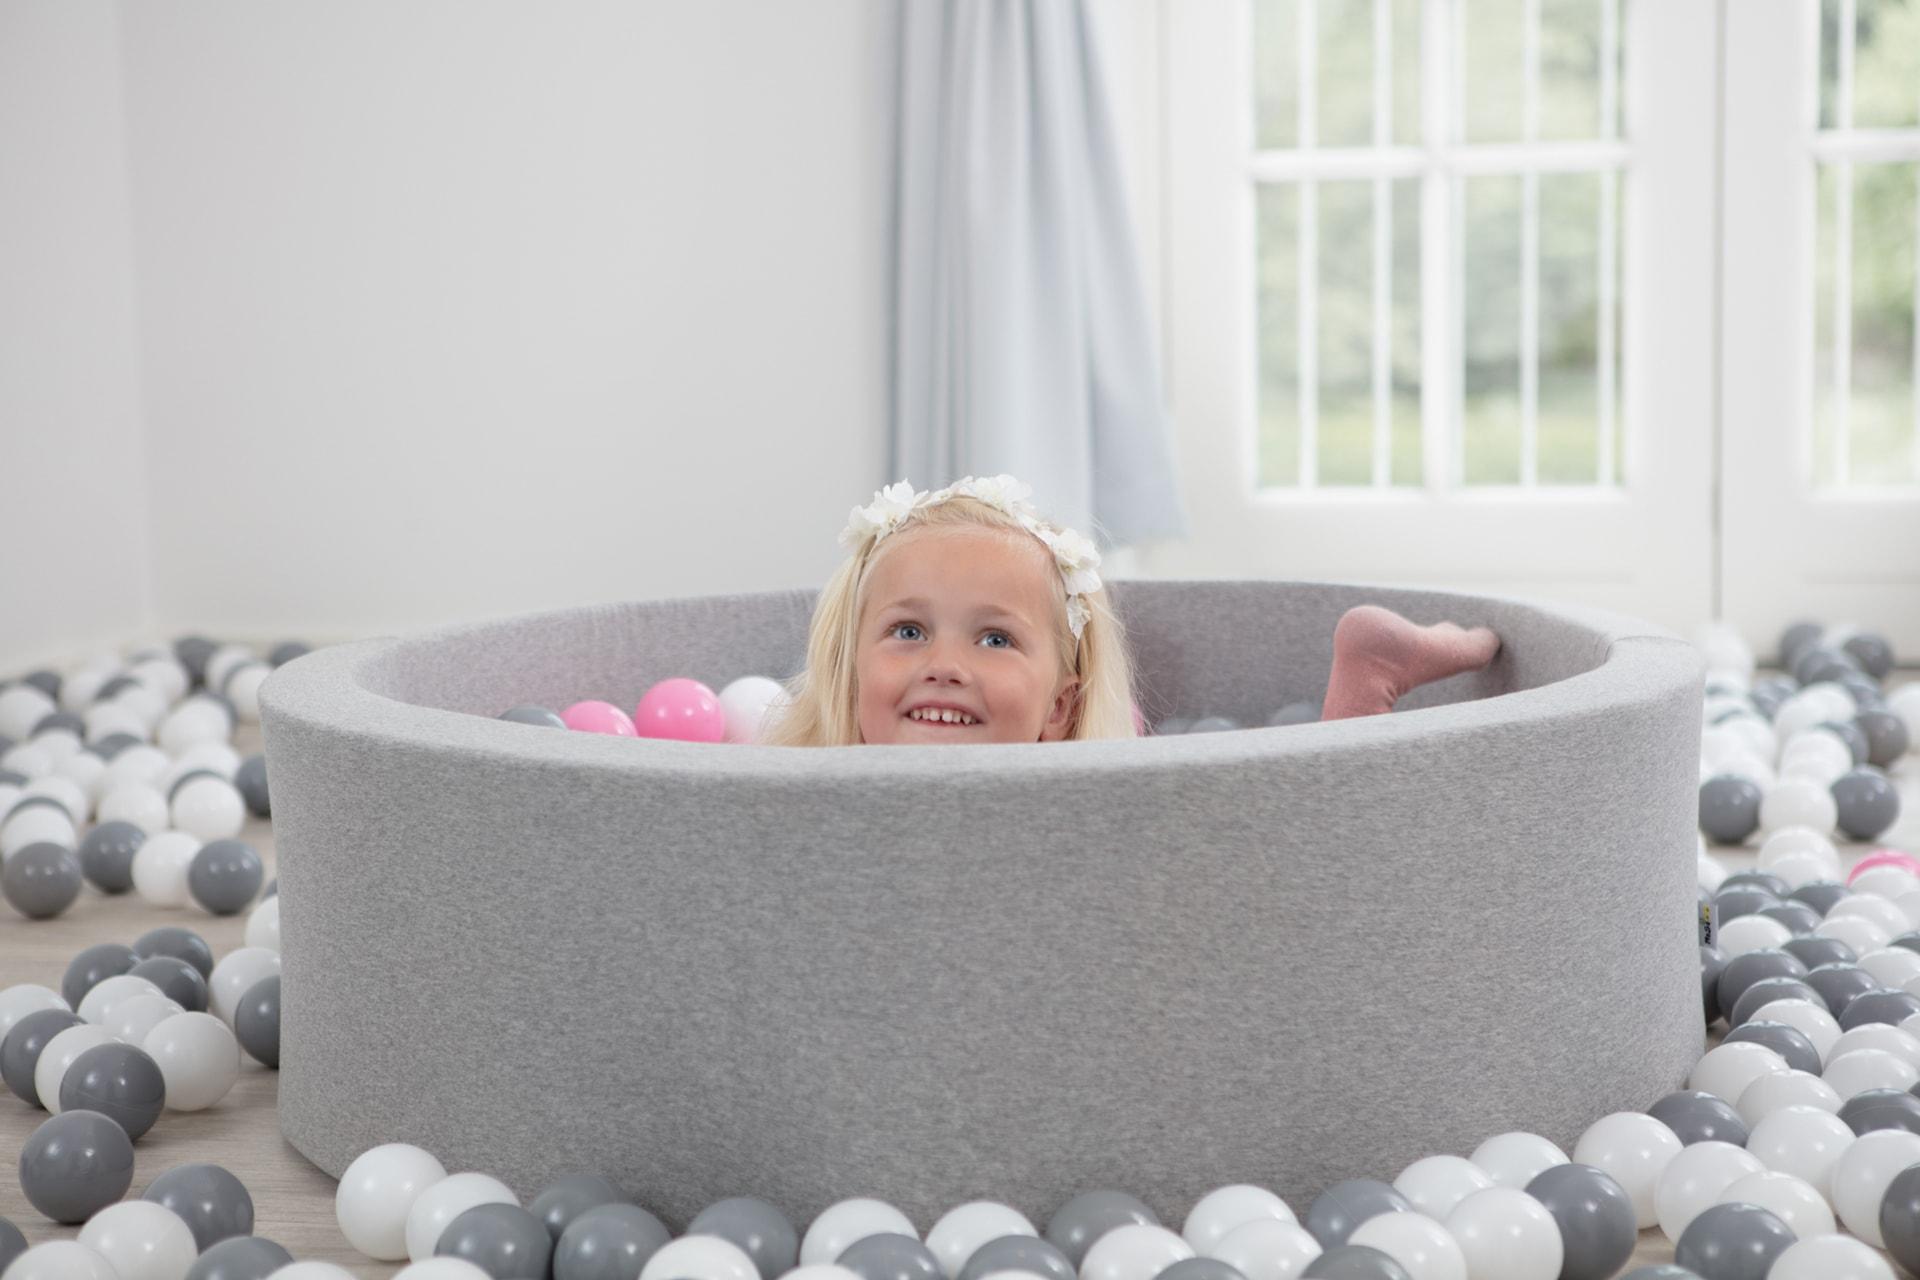 rund bällebad für baby